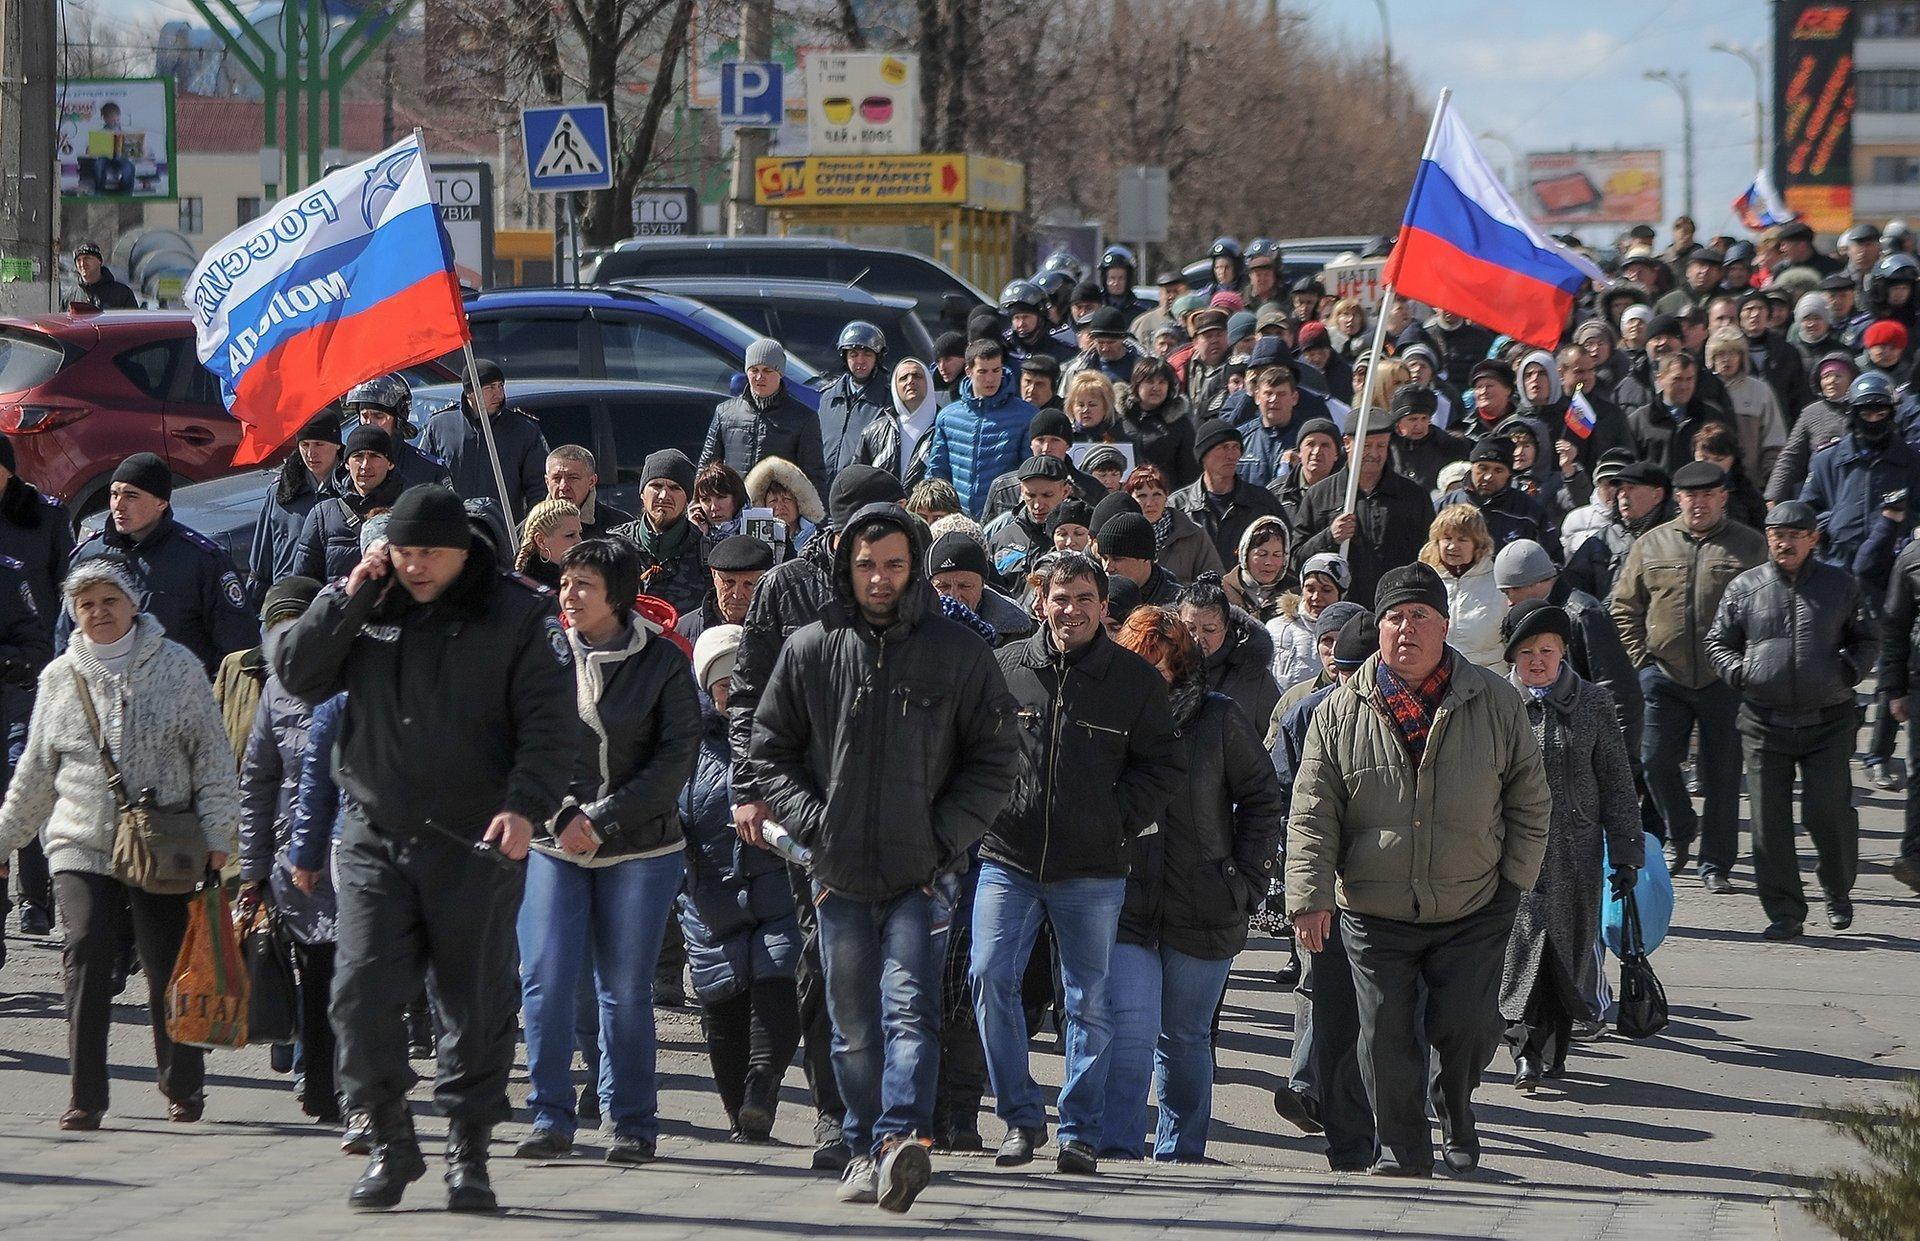 Проросійський мітинг у Луганську 5 квітня 2014 року, за день до захоплення будівлі СБУ